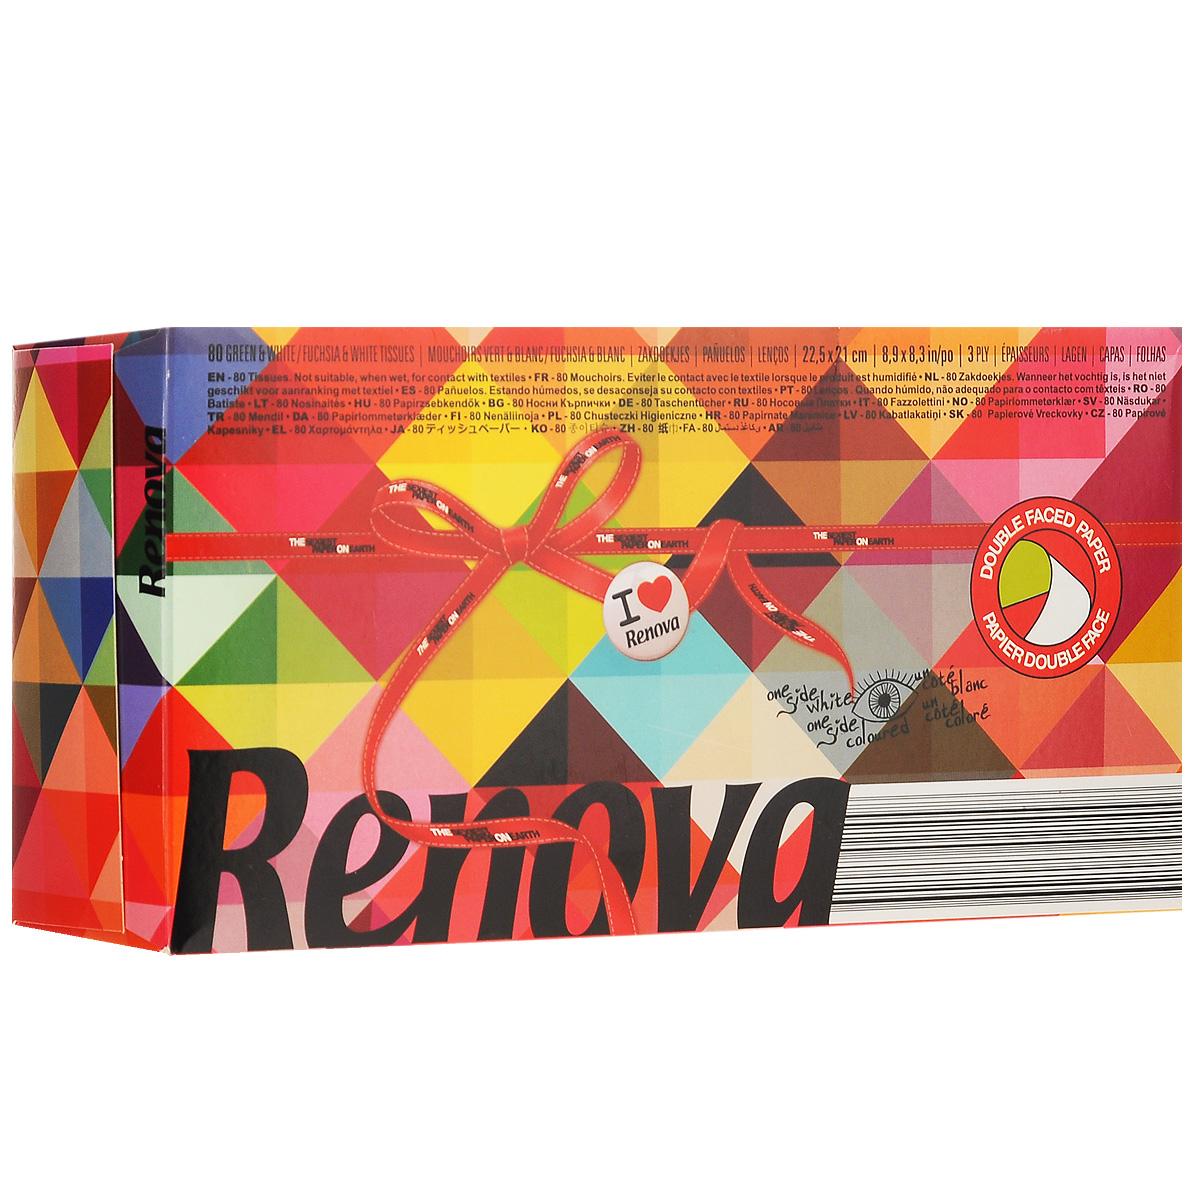 Платочки бумажные Renova Maxi 2 Color, без запаха, трехслойные, цвет: белый, розовый, зеленый, 80 шт200067196Бумажные гигиенические платочки Renova Maxi 2 Color, изготовленные из 100% натуральной целлюлозы, подойдут как взрослым, так и детям. Они обладают уникальными свойствами, так как всегда остаются мягкими на ощупь, прочными и отлично впитывающими влагу и могут быть пригодными в любой ситуации. Яркие бумажные платочки Renova Maxi 2 Color не имеют запаха. Платочки двусторонние. С одной стороны они белые, с другой зеленые и розовые. Удобная красивая упаковка позволит разместить салфетки на видном месте. Количество слоев: 3. Размер листа: 22,5 см х 21 см. Количество листов: 80 шт. Португальская компания Renova является ведущим разработчиком новейших технологий производства, нового стиля и направления на рынке гигиенической продукции. Современный дизайн и высочайшее качество, дерматологический контроль - это то, что выделяет компанию Renova среди других производителей бумажной санитарно-гигиенической продукции....